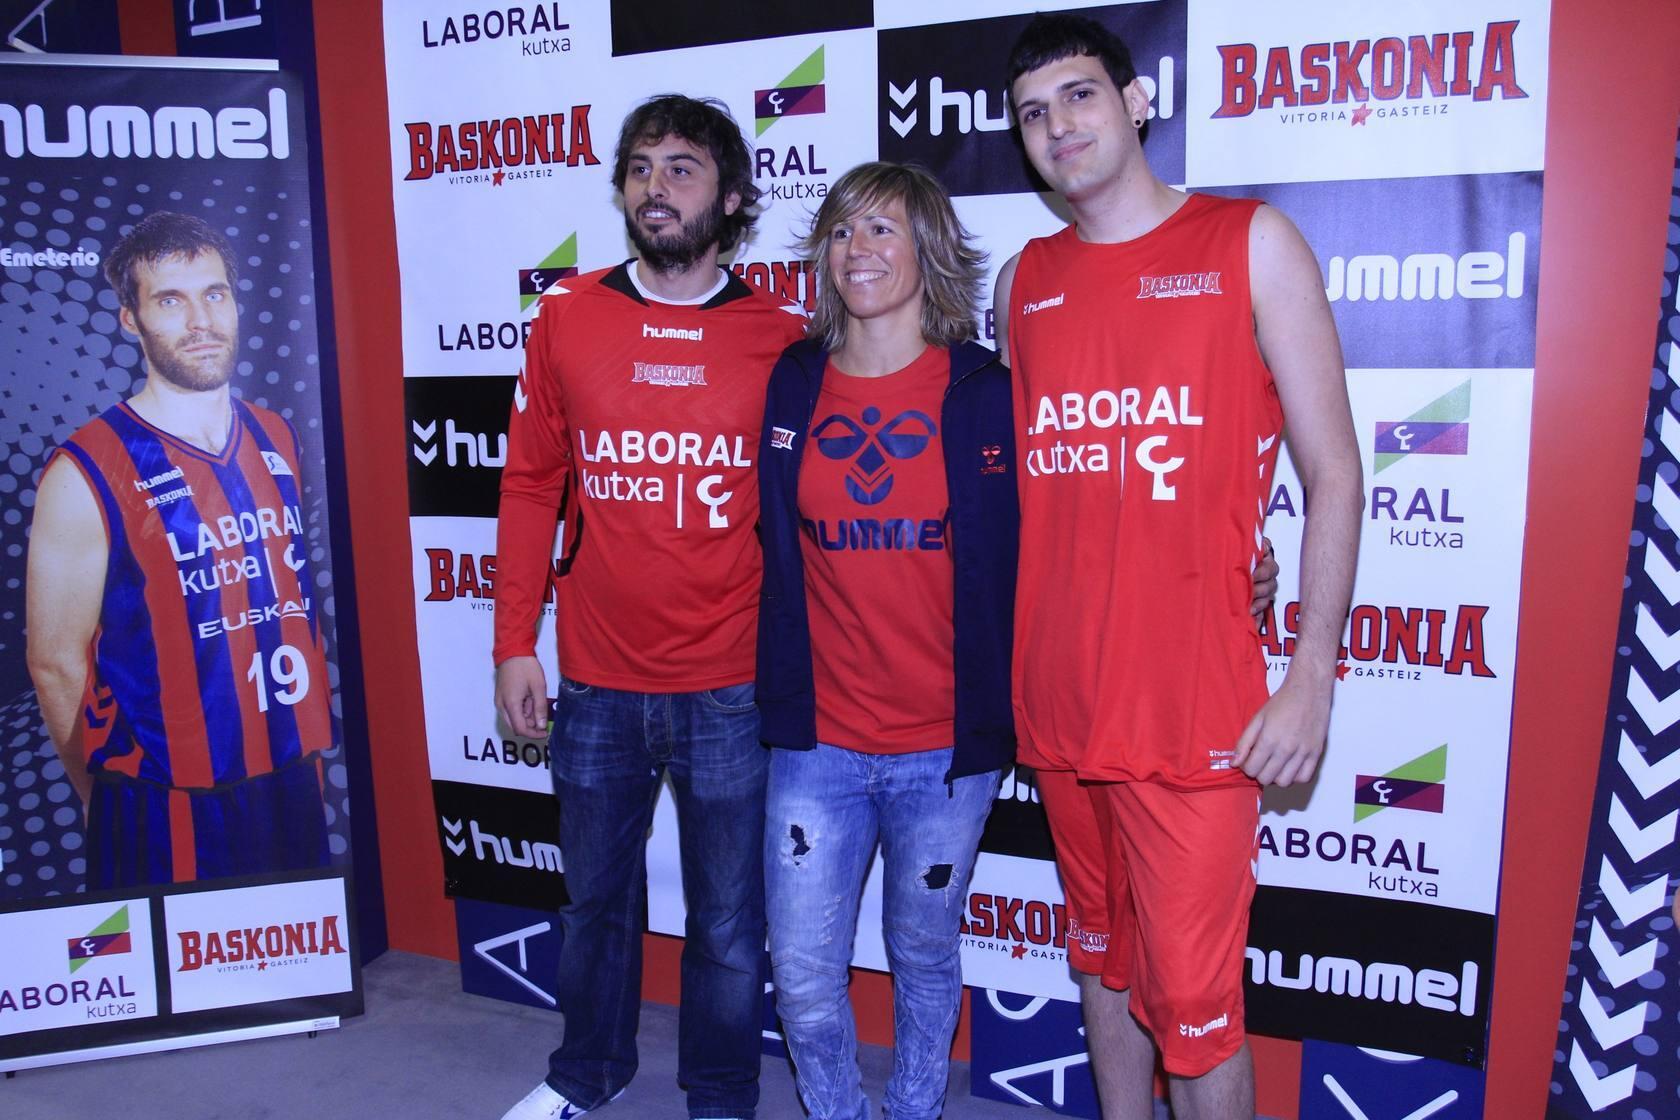 Las nuevas camisetas del Baskonia